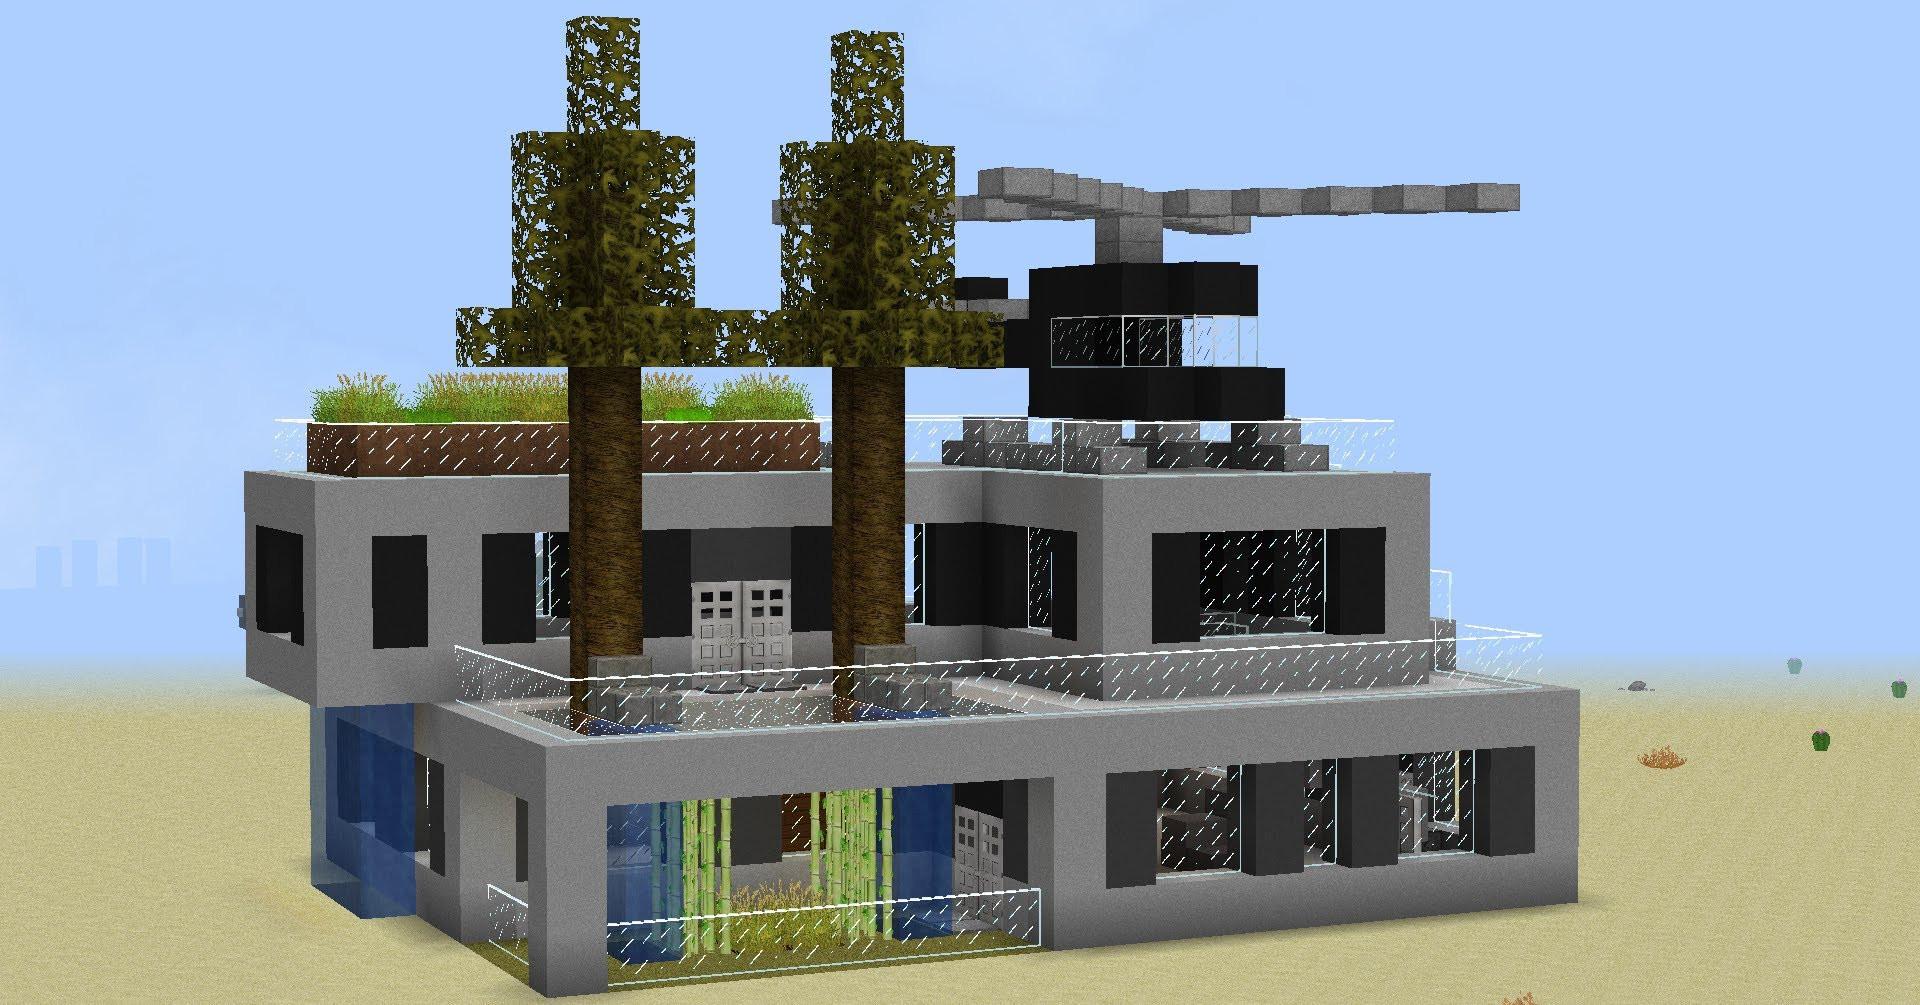 Salle De Bain Moderne Minecraft Beau Image 62 Idee Maison De Luxe Minecraft Dimage